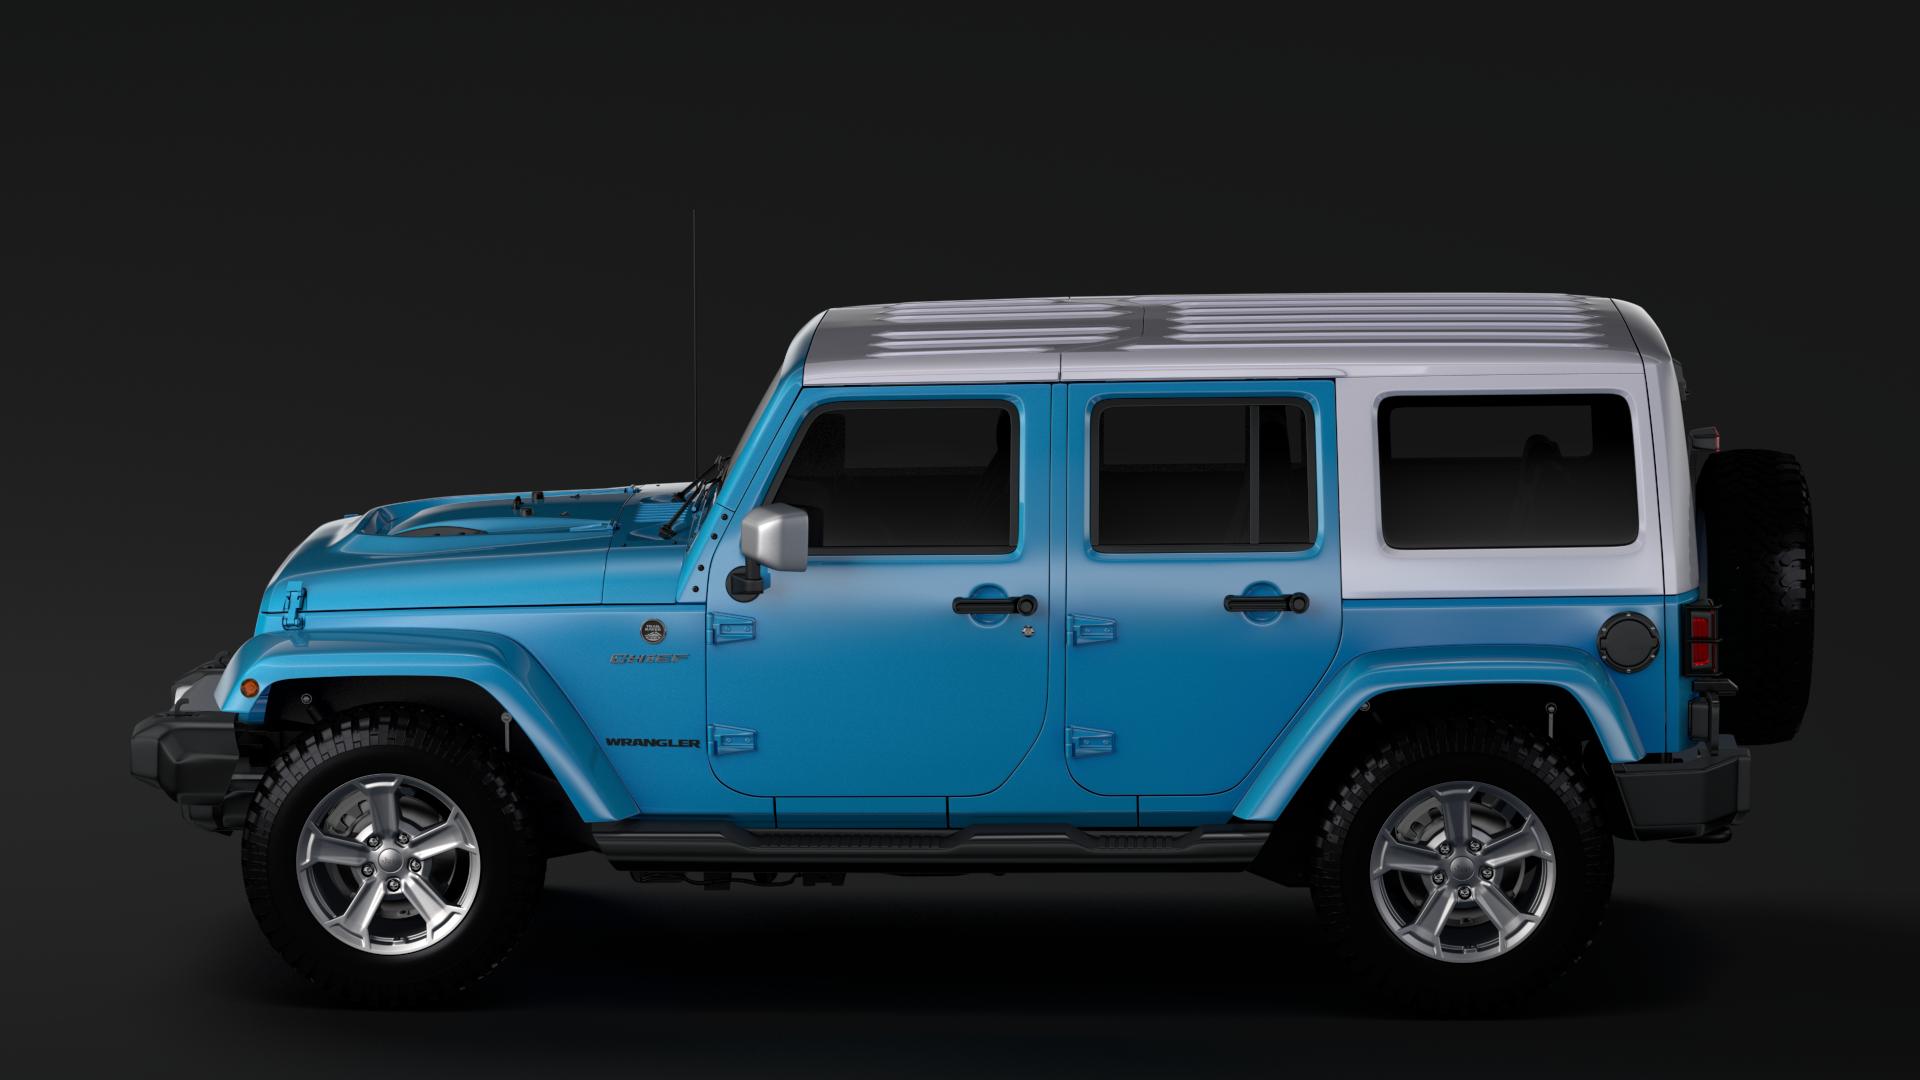 jeep wrangler unlimited chief jk 2017 3d model max fbx c4d lwo ma mb hrc xsi obj 276977